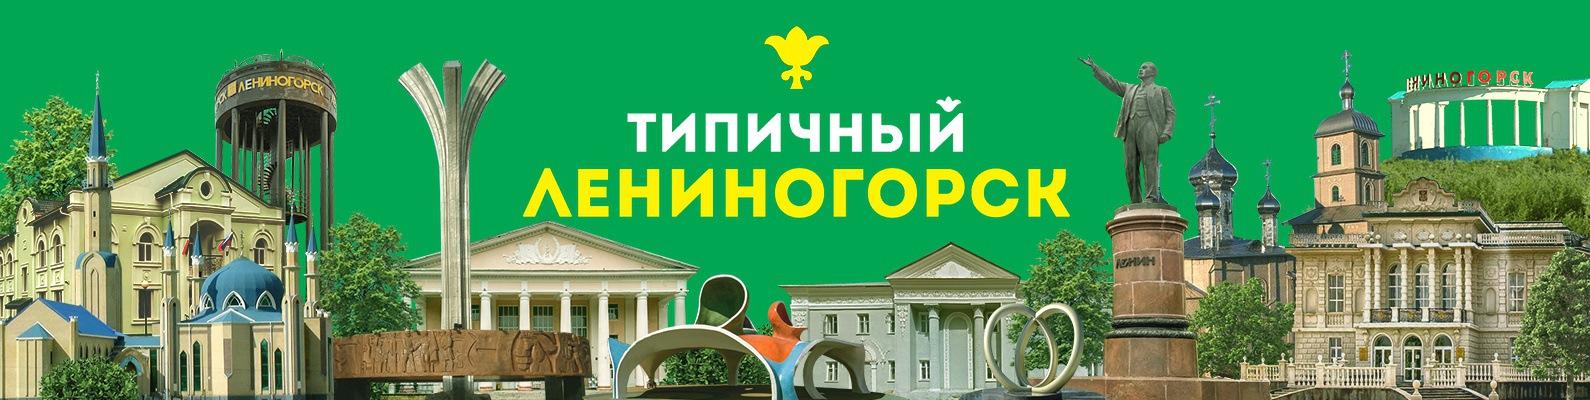 Вызвать шлюх Старообрядческая ул. проститутка с аппартаментами Академика Константинова ул.